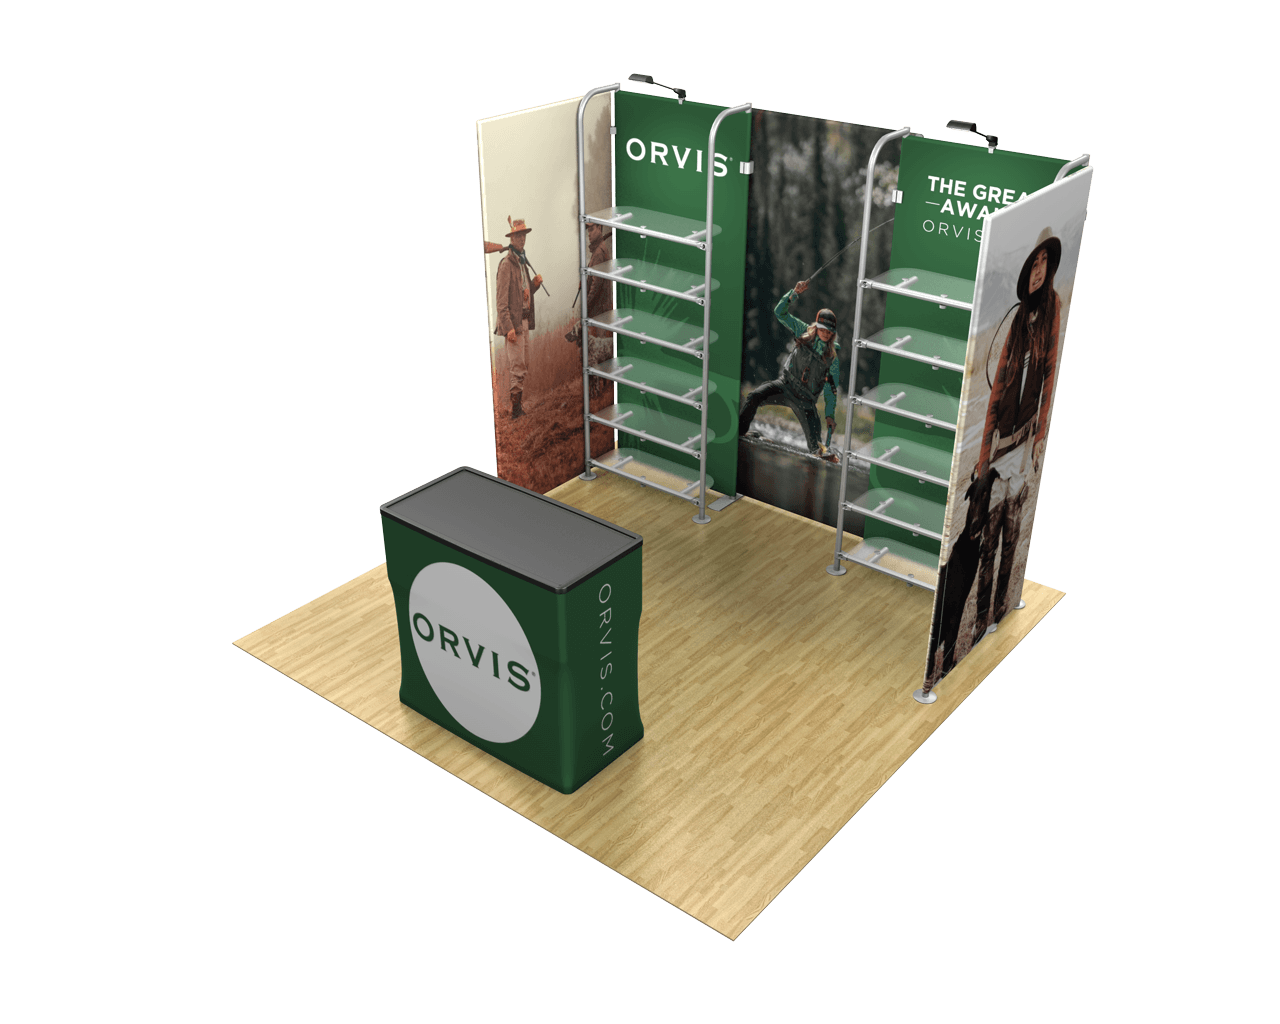 Waveline Merchandiser 10ft Trade Show Display Kit - 10.16